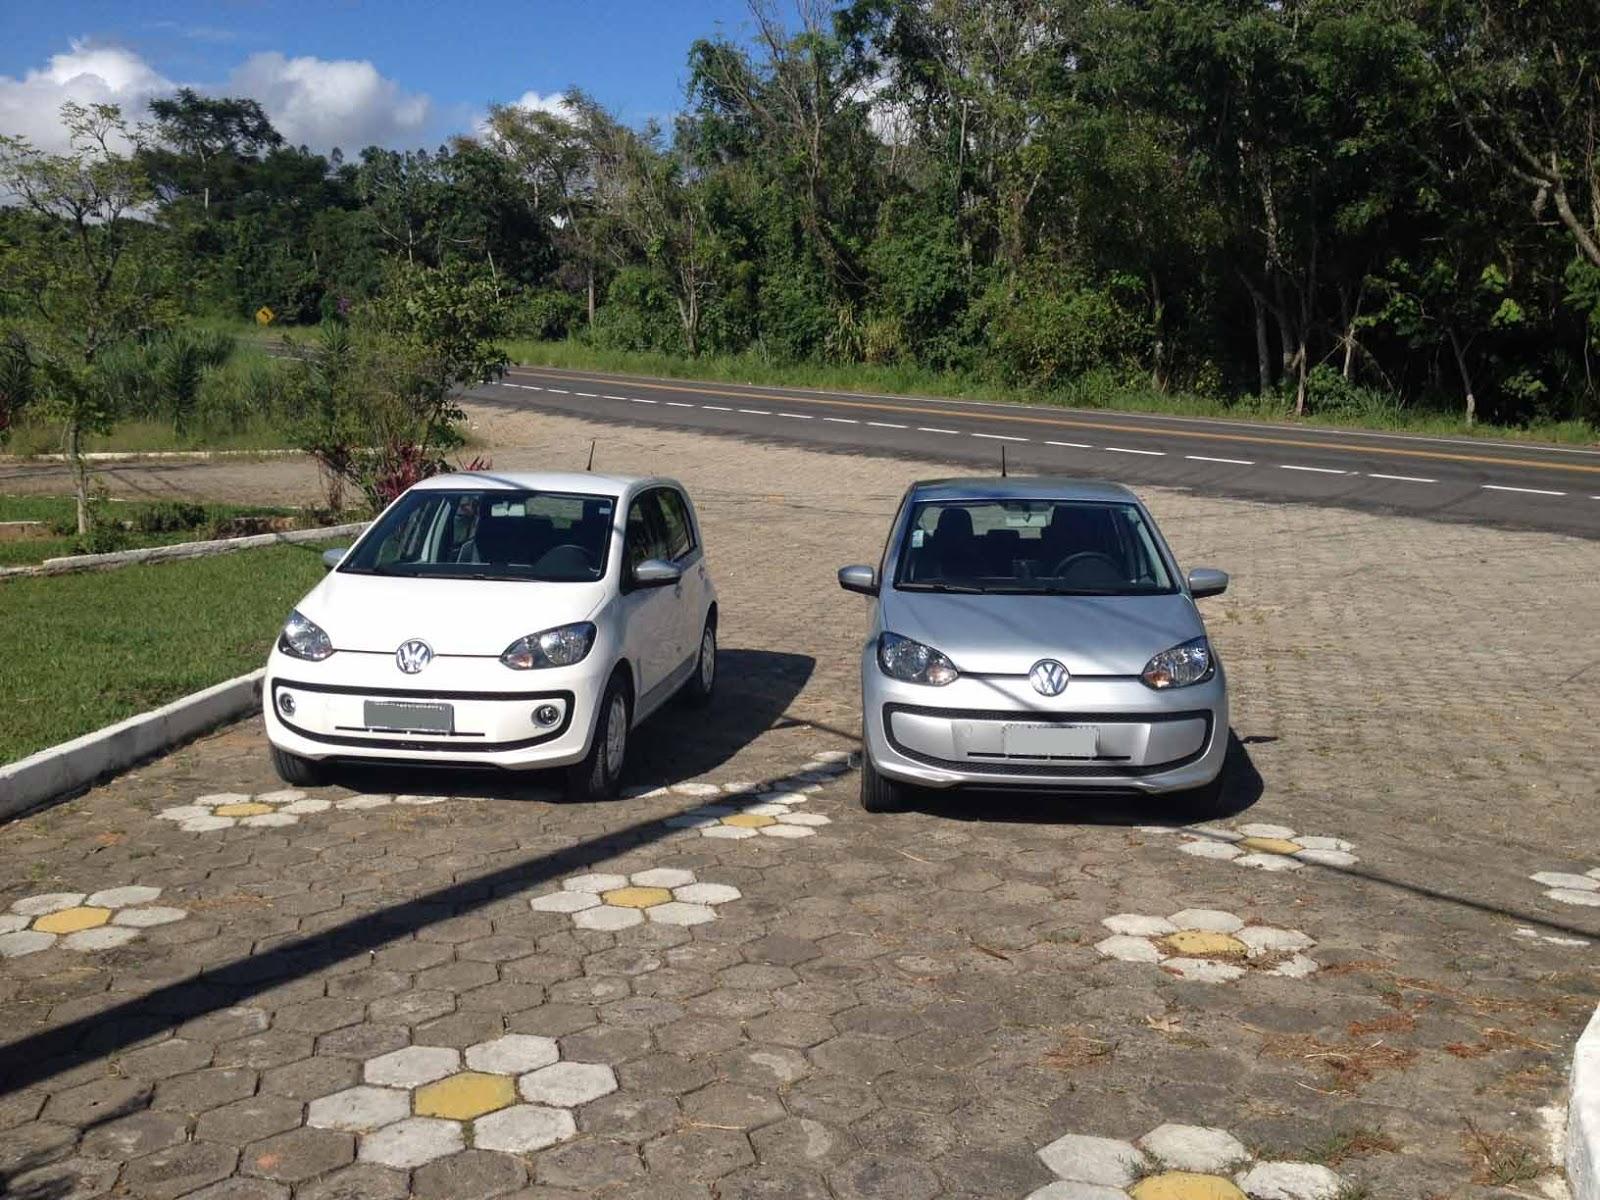 Volkswagen up!: Automático x Manual - qual o melhor?